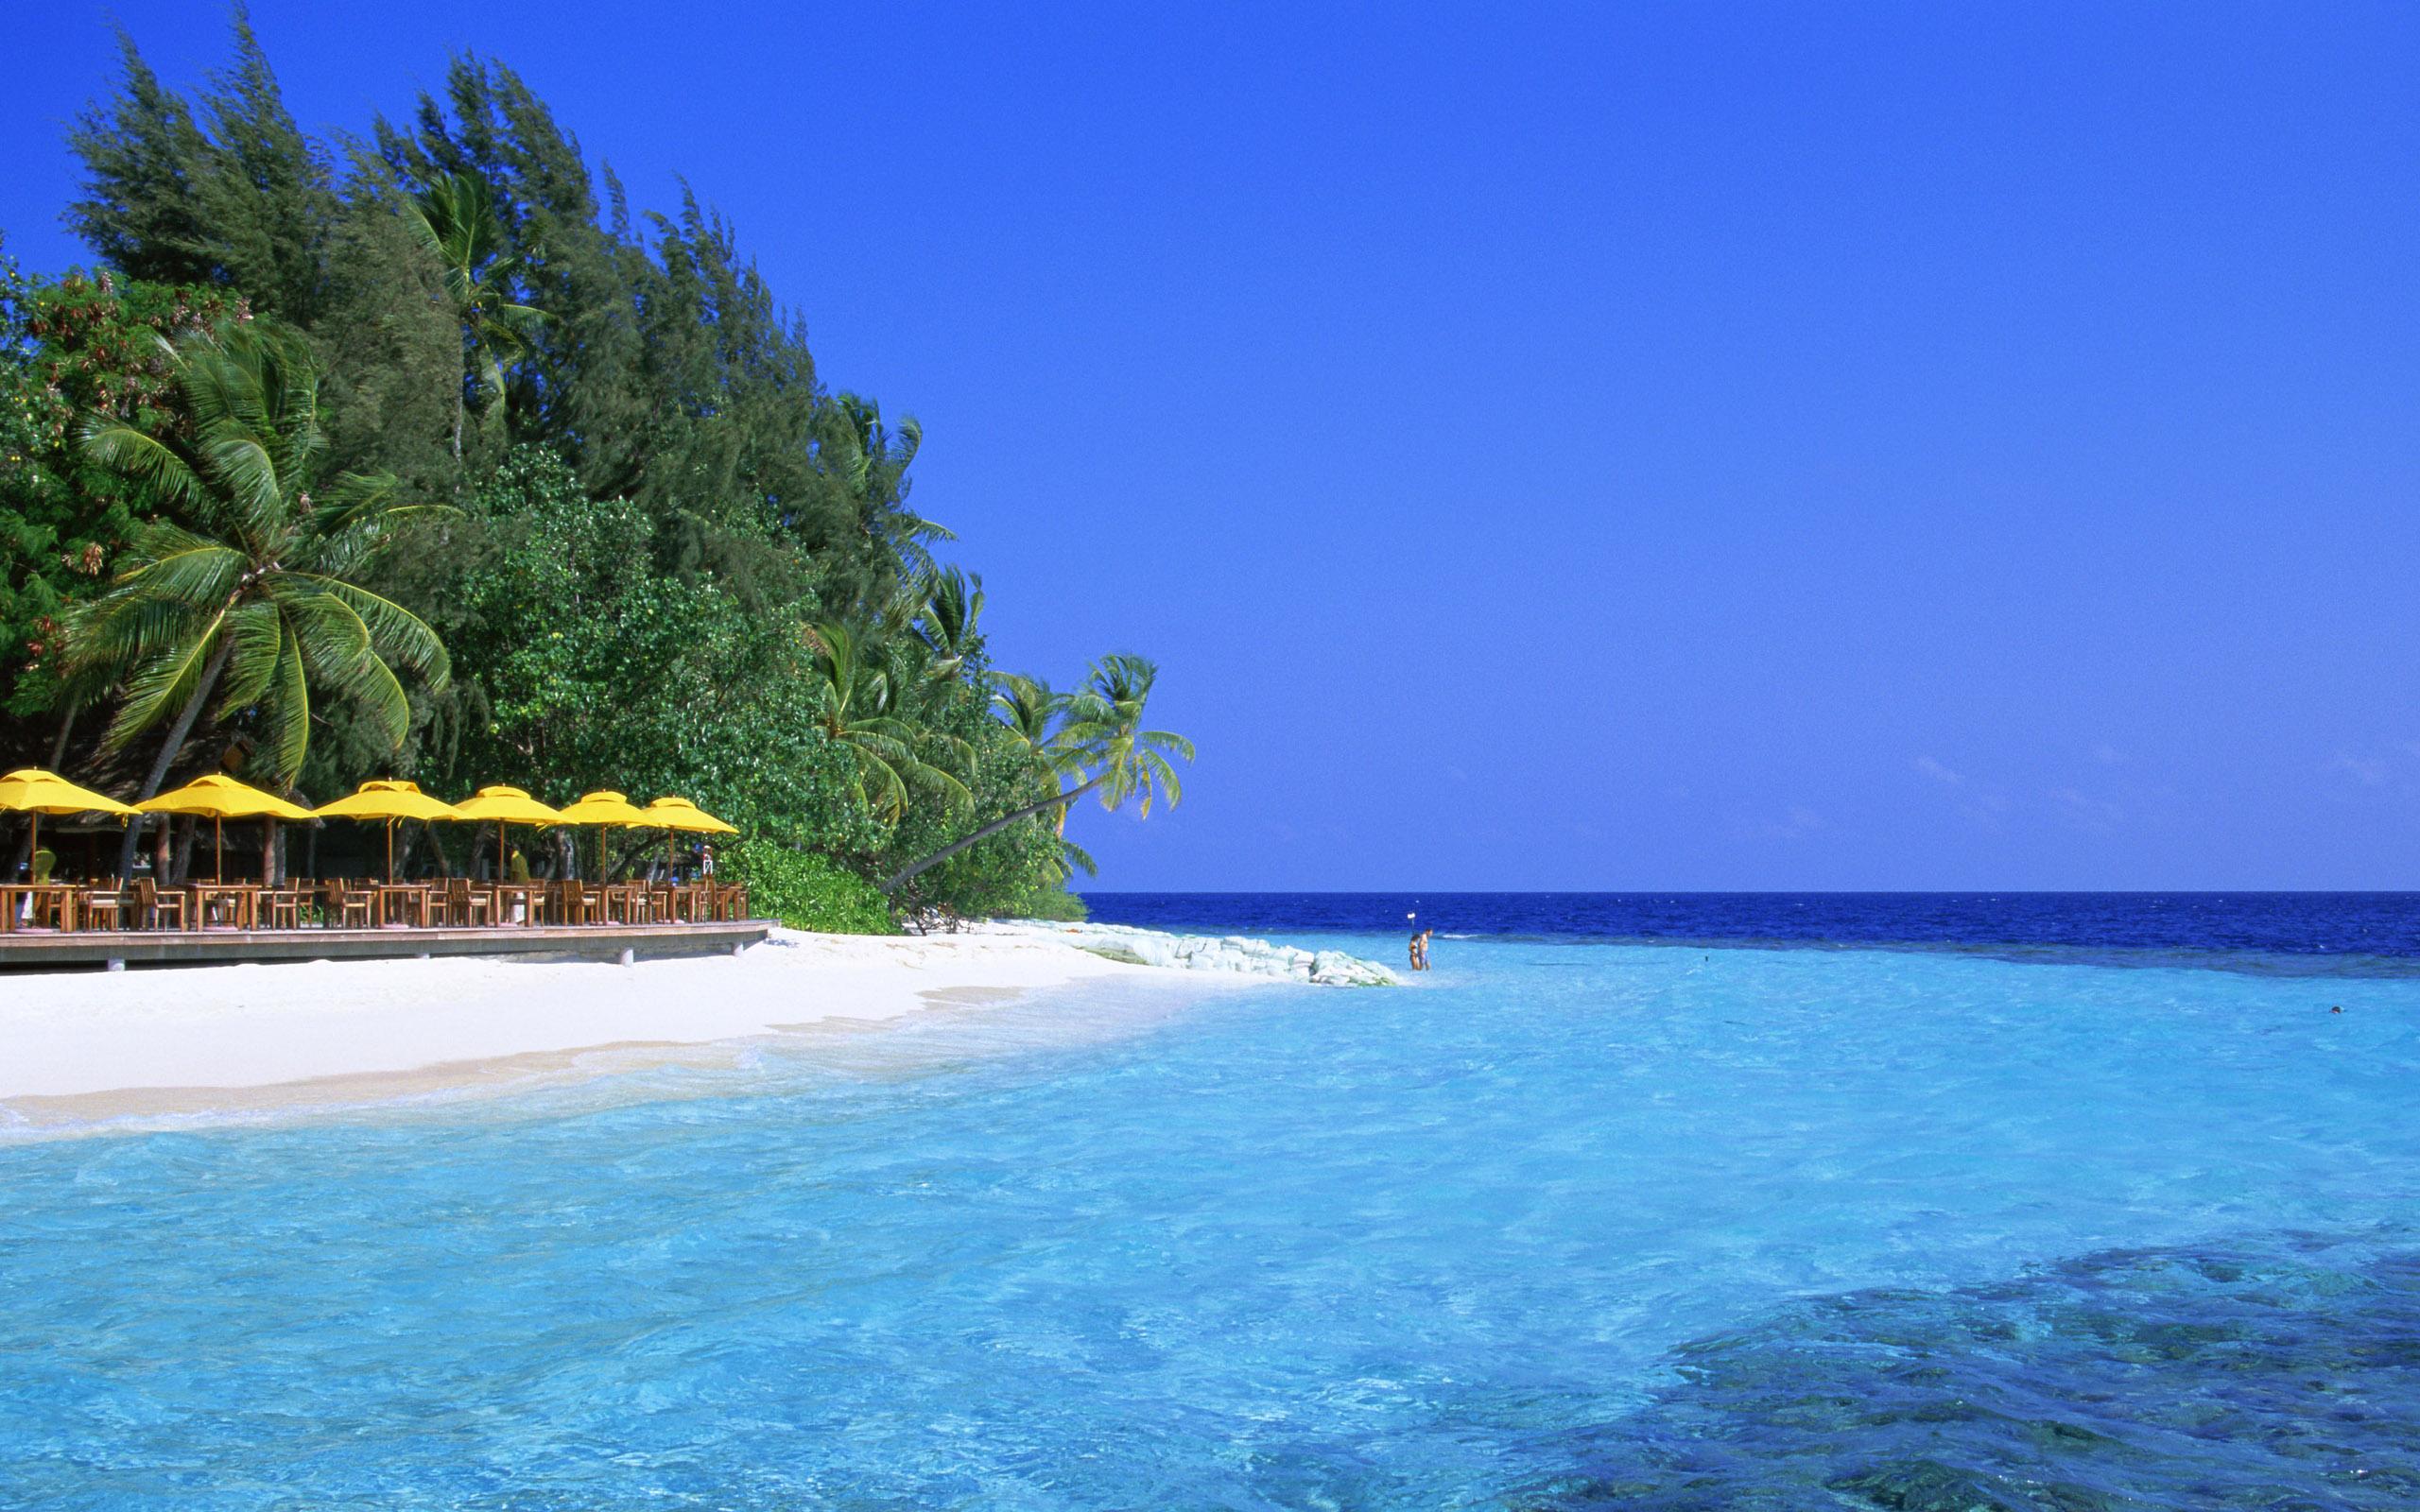 море, скачать фото, пляж, пальмы, домики